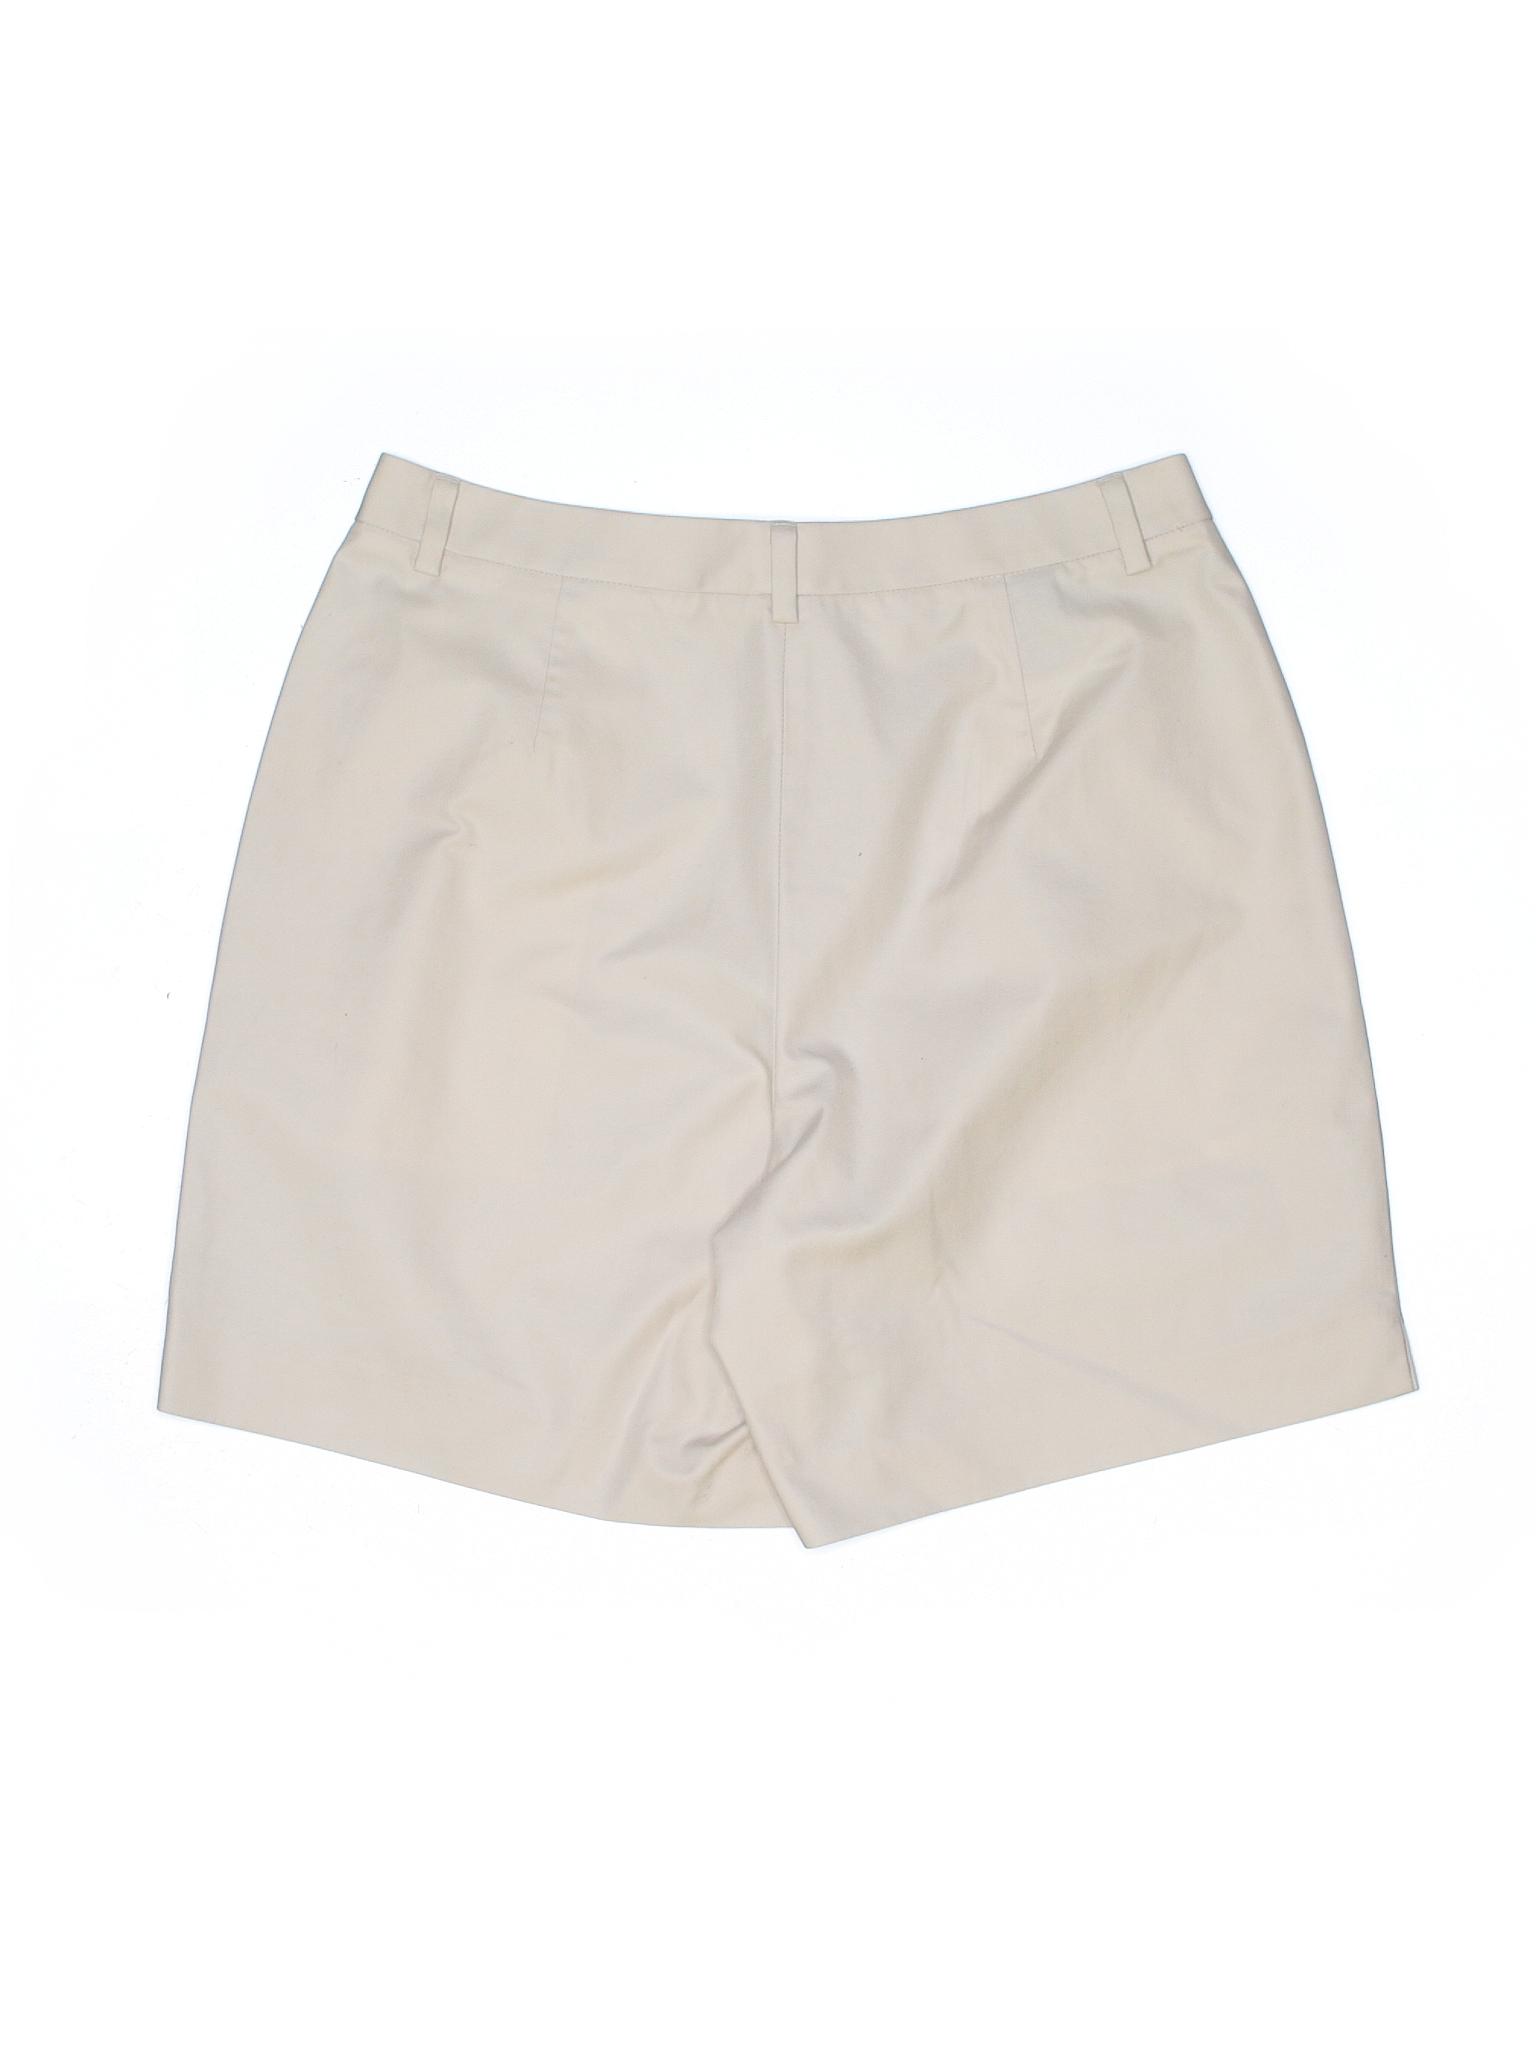 Brothers Shorts 346 Brooks Khaki Boutique qwPz5z